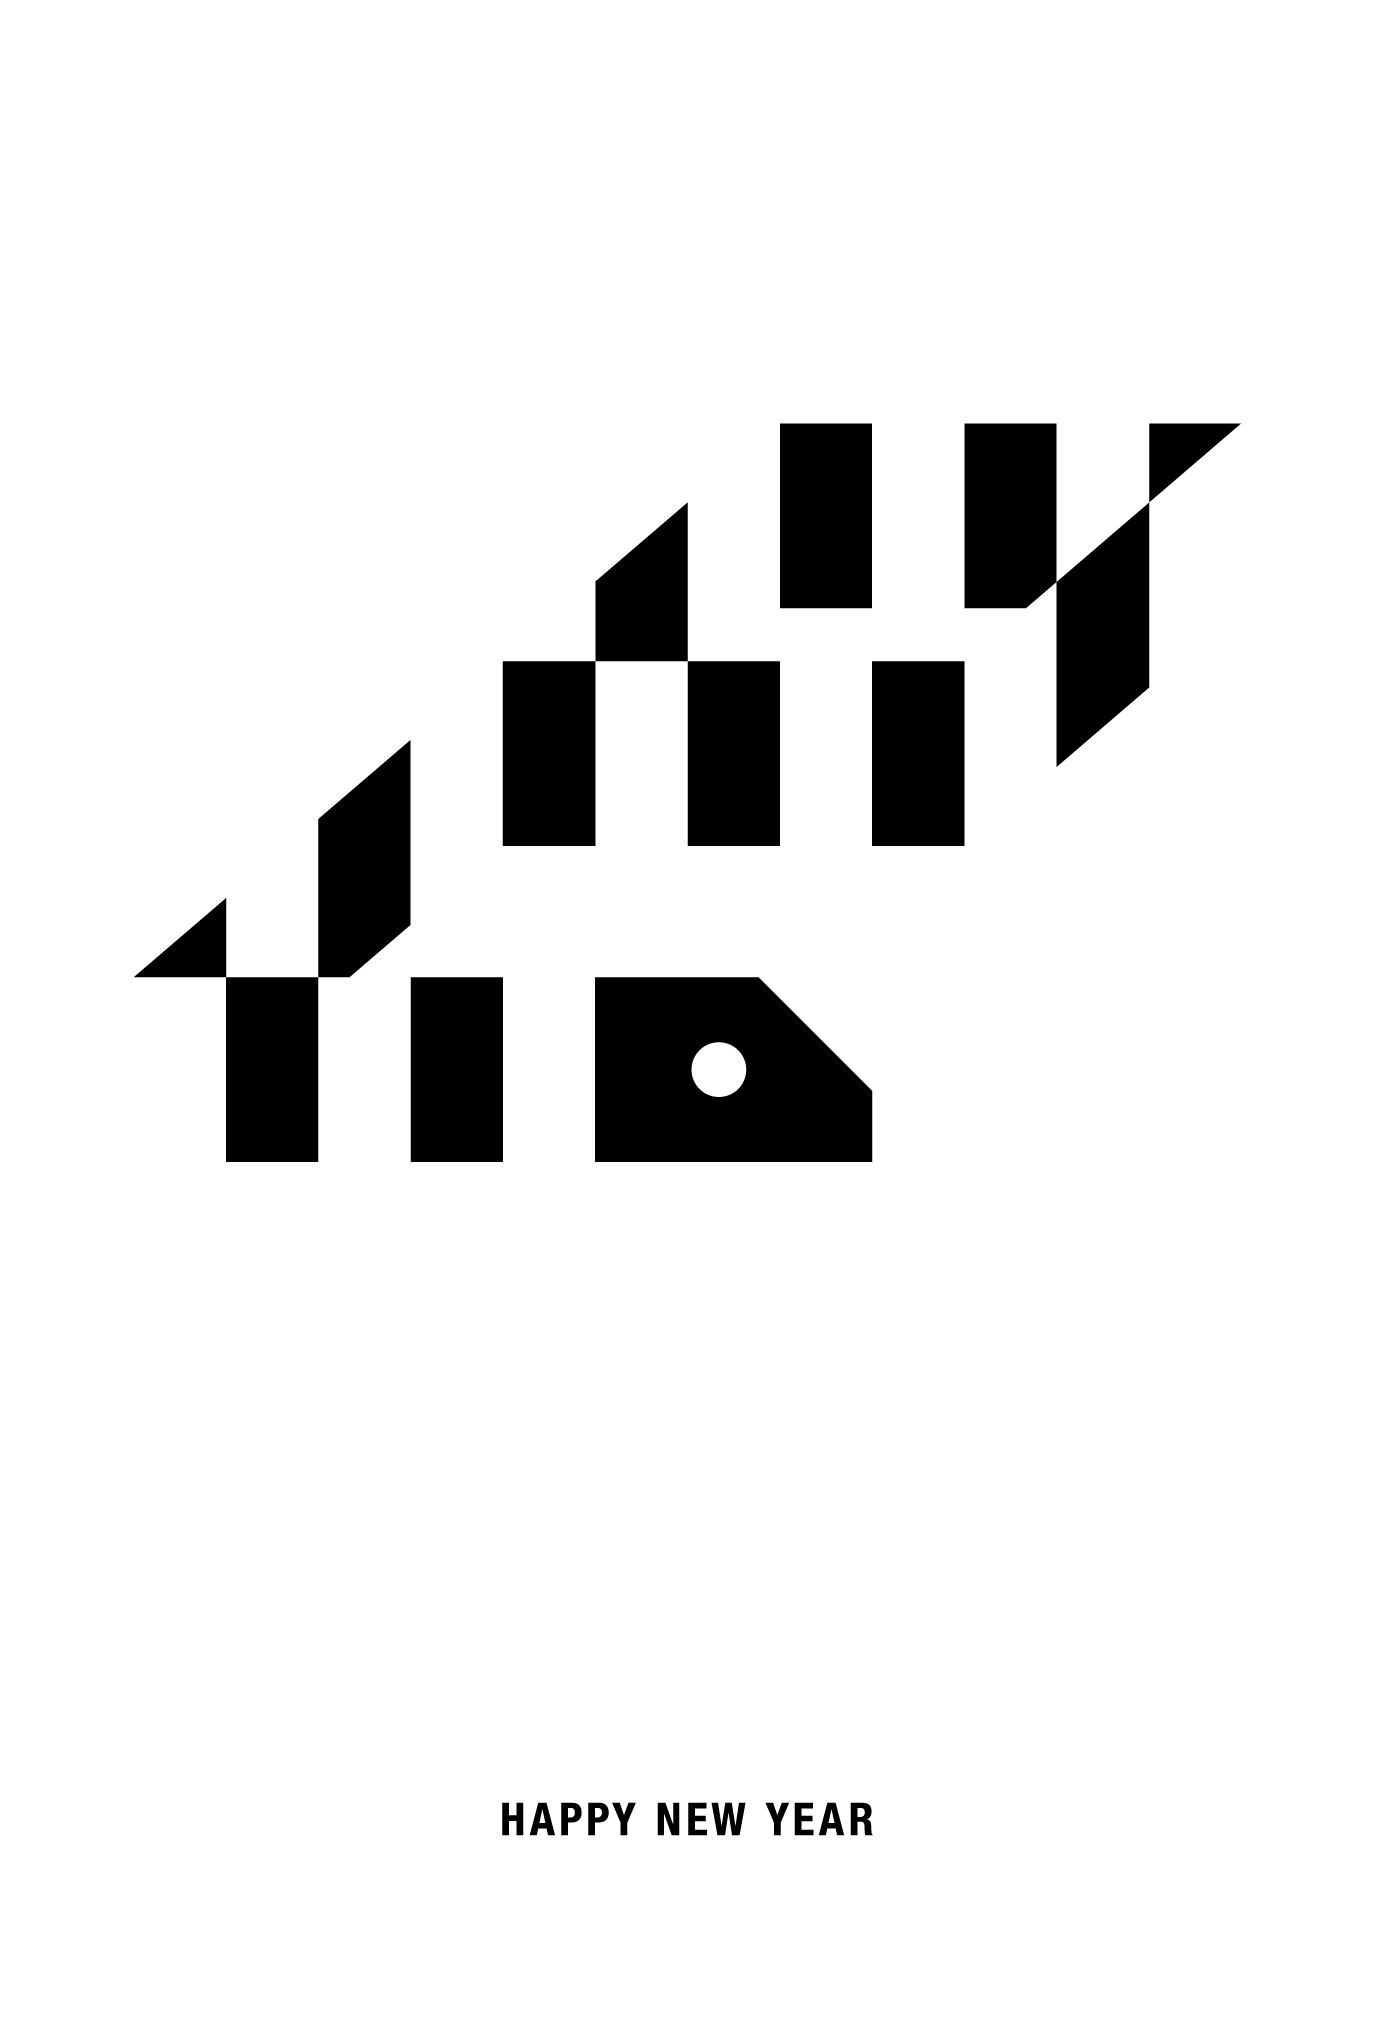 2013年賀状21-3:Snake Stripe 巳 / 3のダウンロード画像